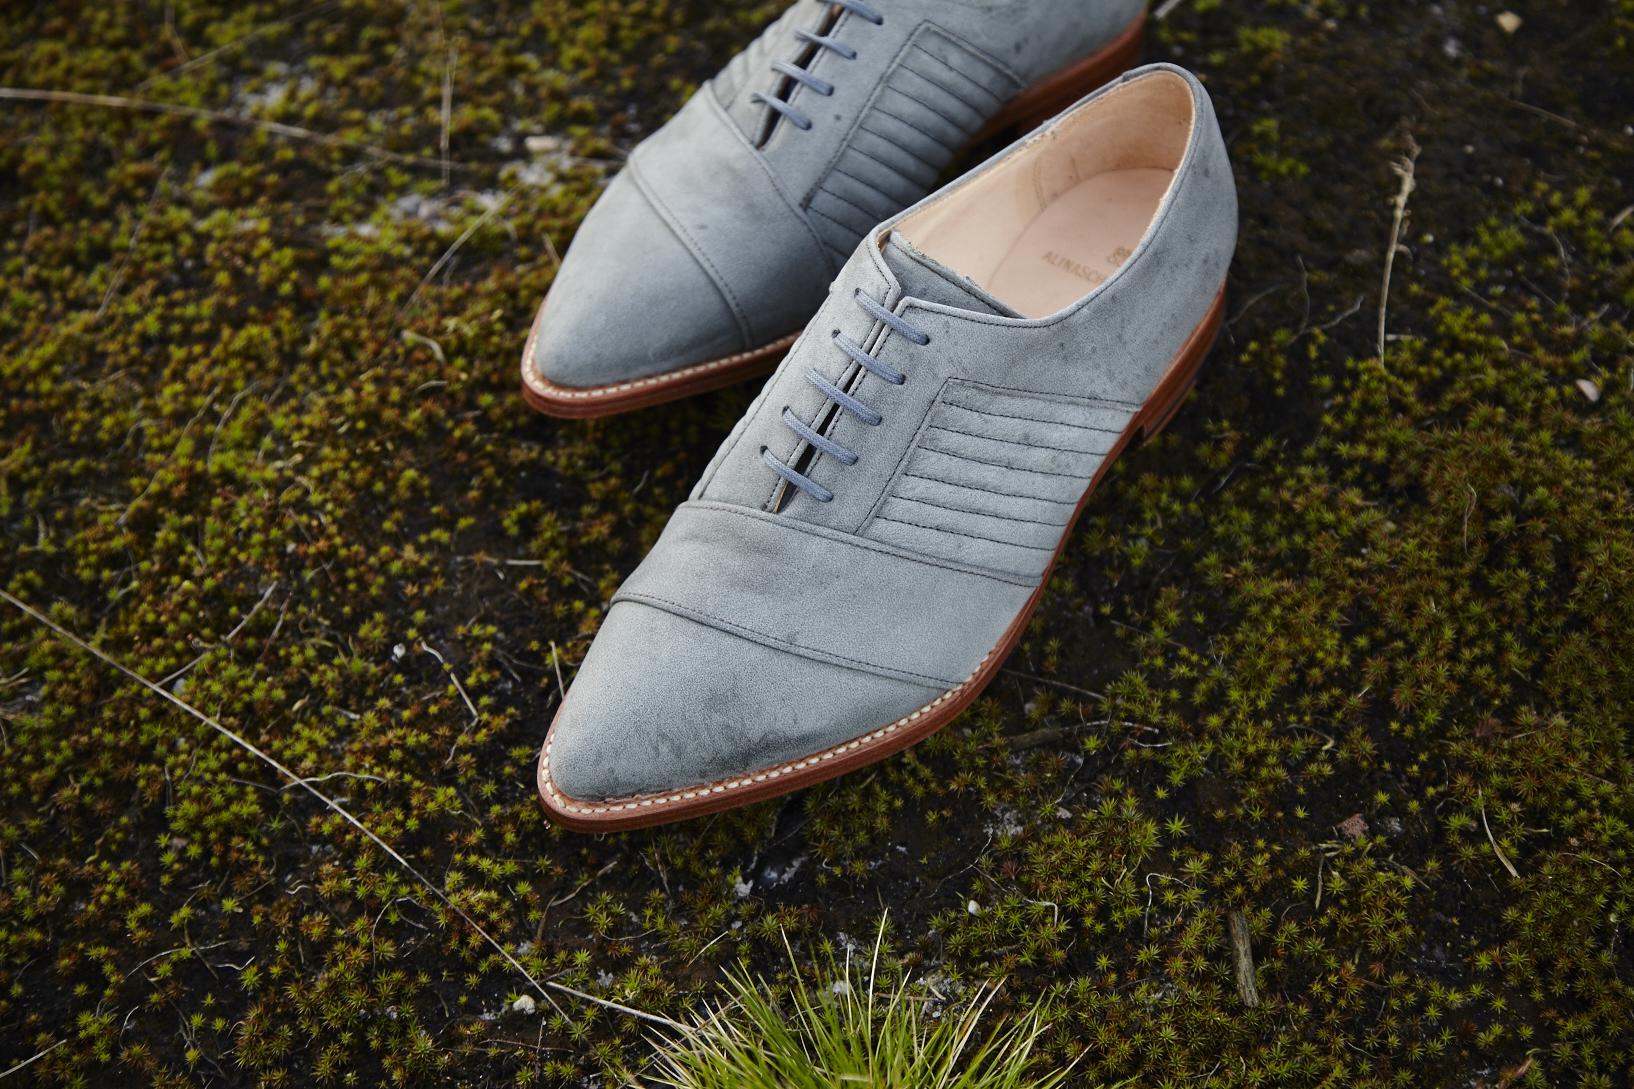 Zehn Werde Vegane Und Faire – Brands Schuhe Shops JcTK1lF3